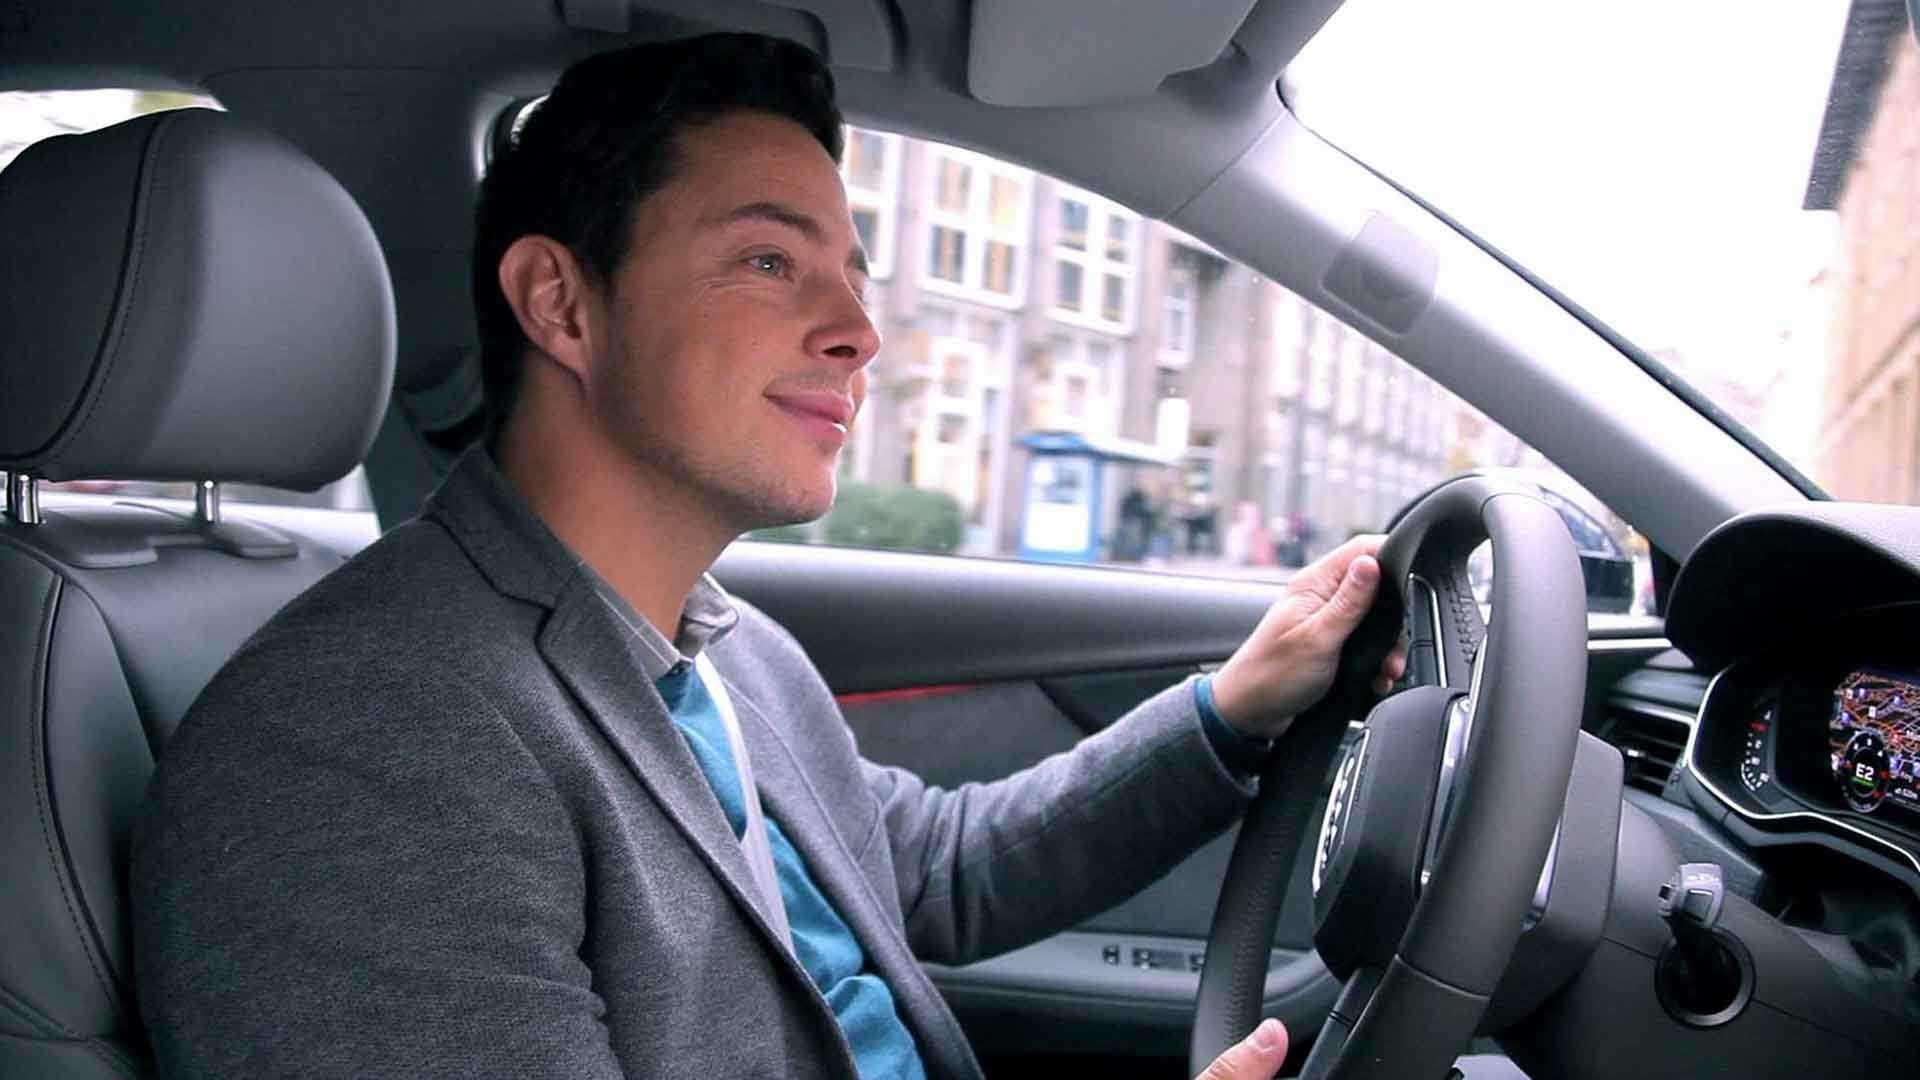 Das Bild zeigt den Moderator Ben Constanduros. Er sitzt in einem Audi, was man an dem Logo auf dem Lenkrad erkennen kann. Er hält dieses Lenkrad in seiner linken Hand. Er lächelt. Das Bild dient als Sliderbild für den Portfolioeintrag Audi on demand – Launchfilm von Panda Pictures.